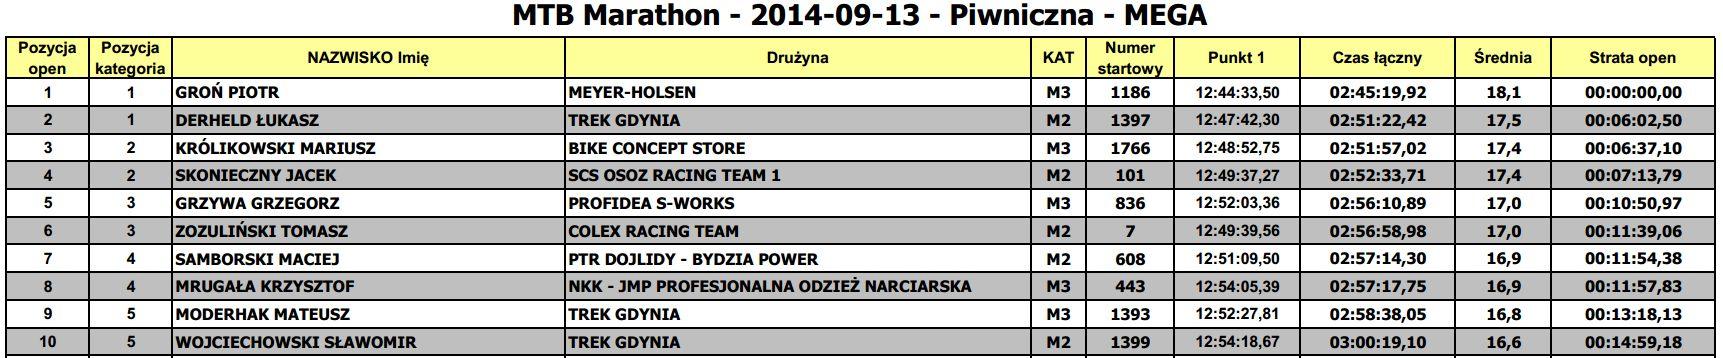 mtb maraton piwniczna mega wyniki 2014